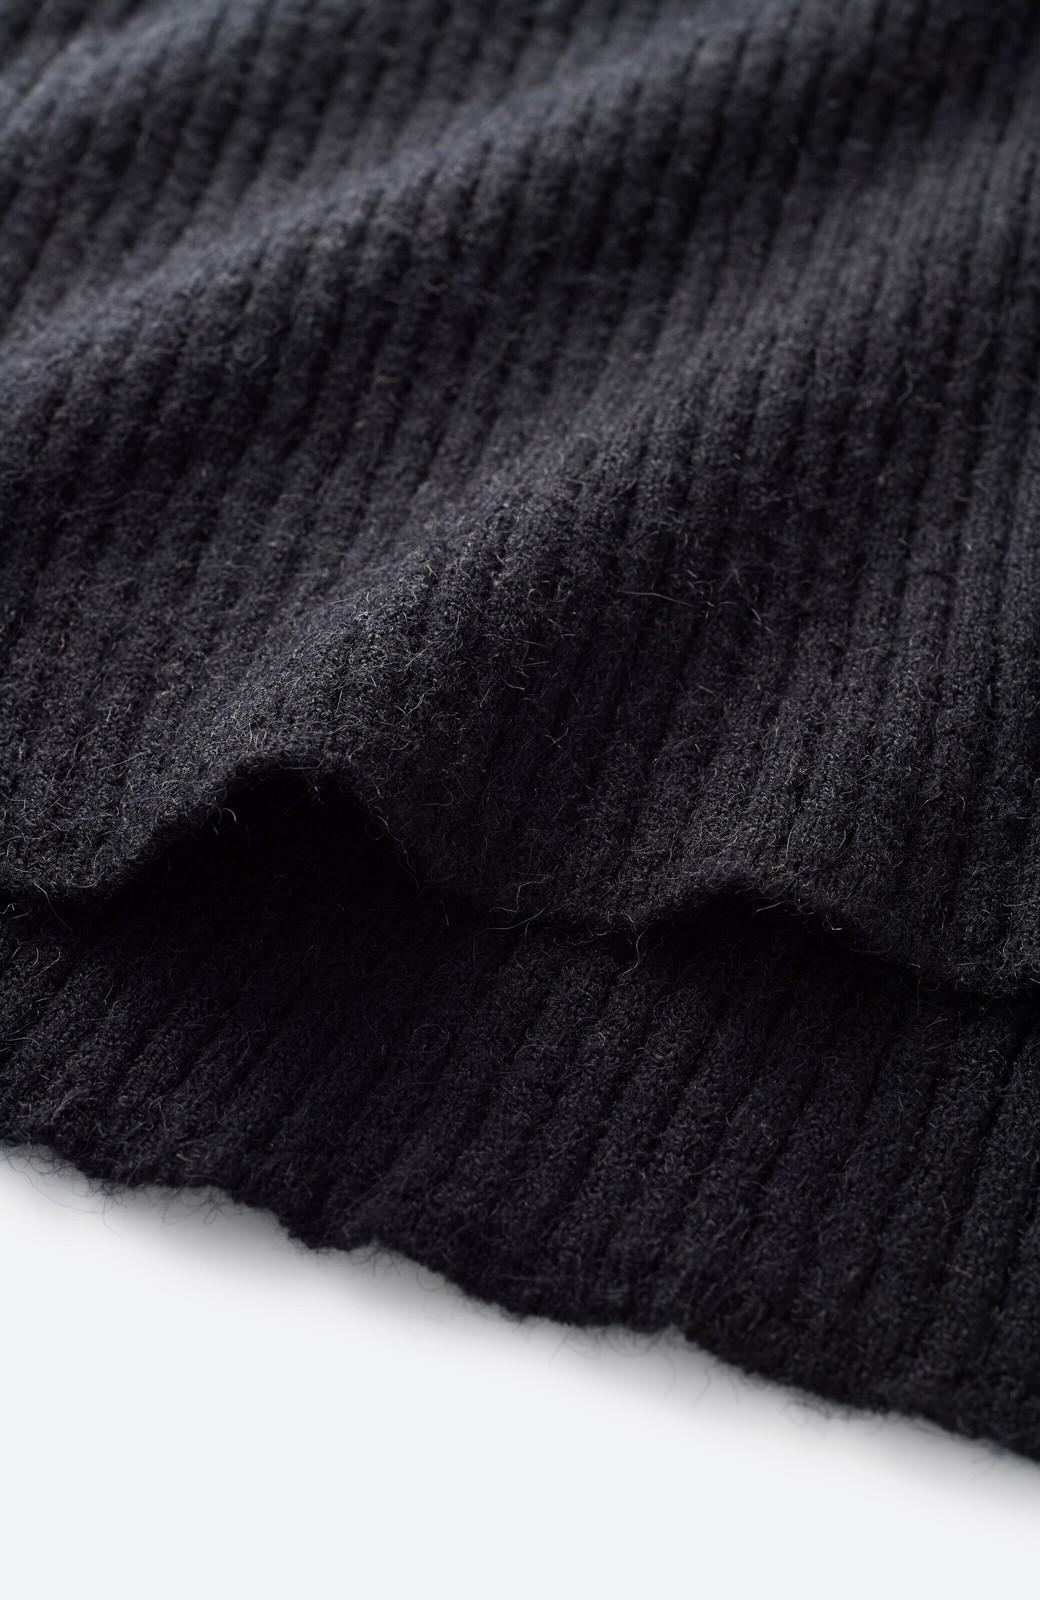 haco! パッと着るだけでかわいくなれそうな気がするフリルリブニット <ブラック>の商品写真3